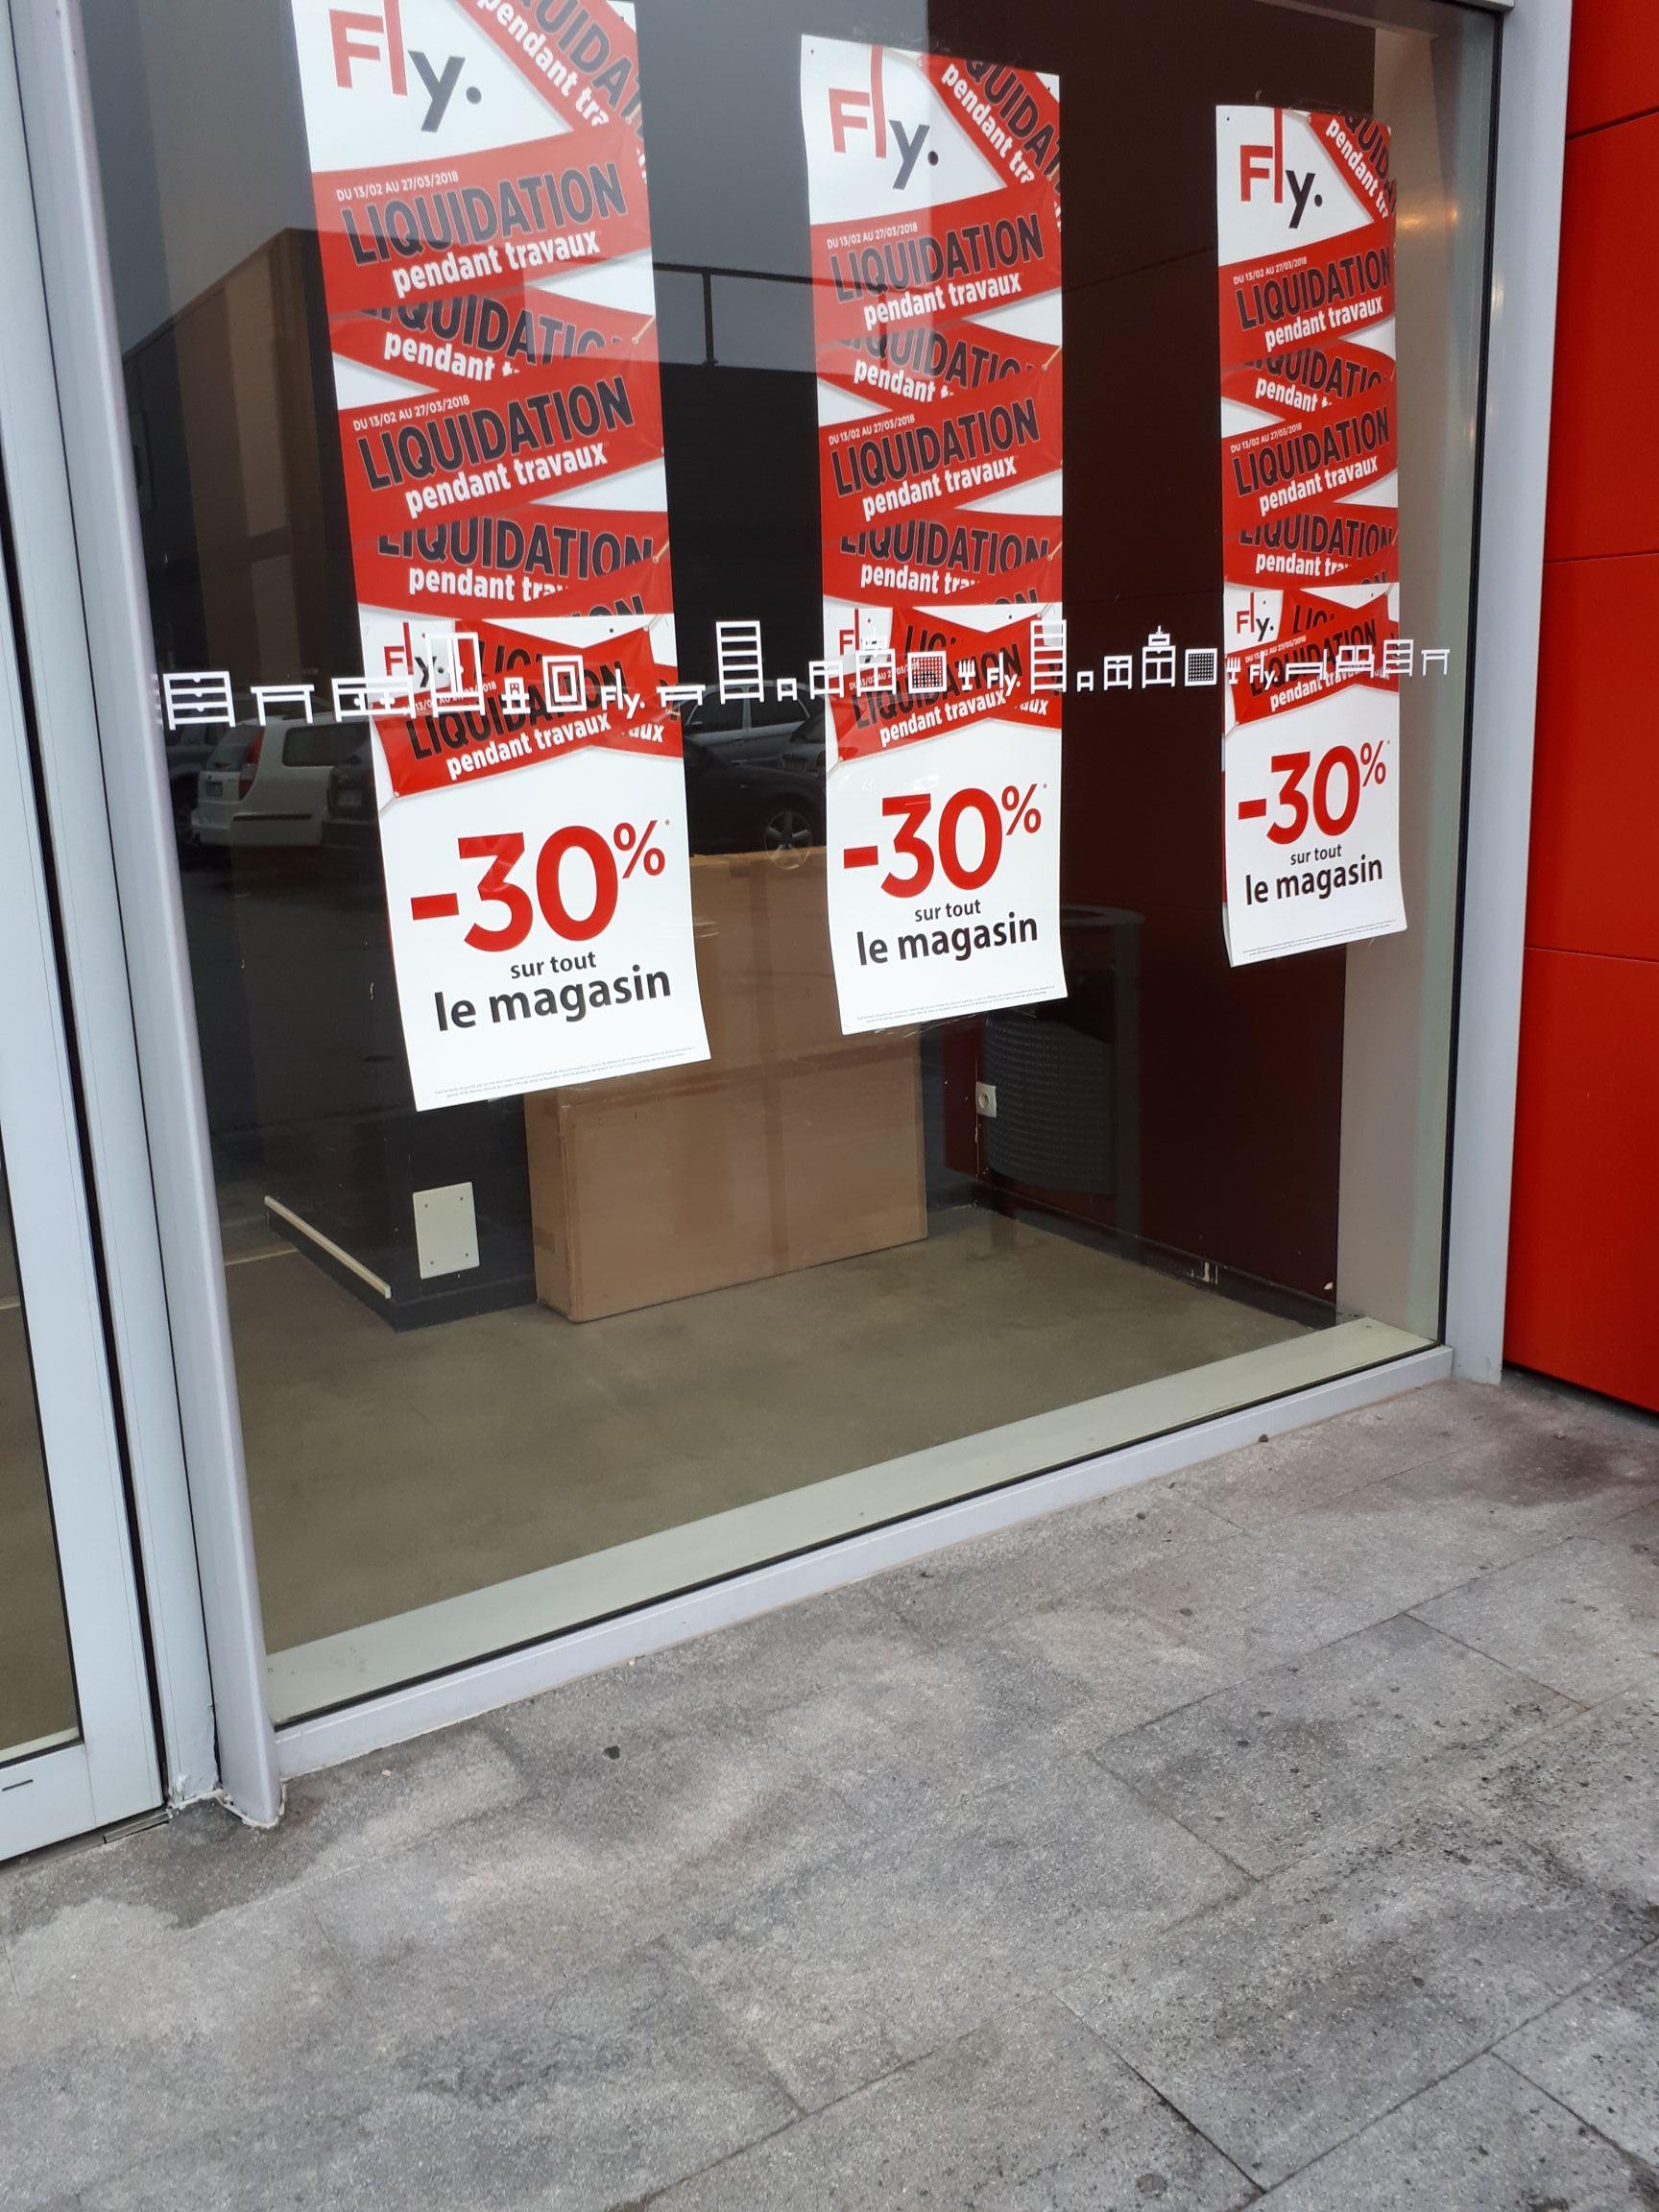 30% de réduction sur tout le magasin - Kingersheim (68)